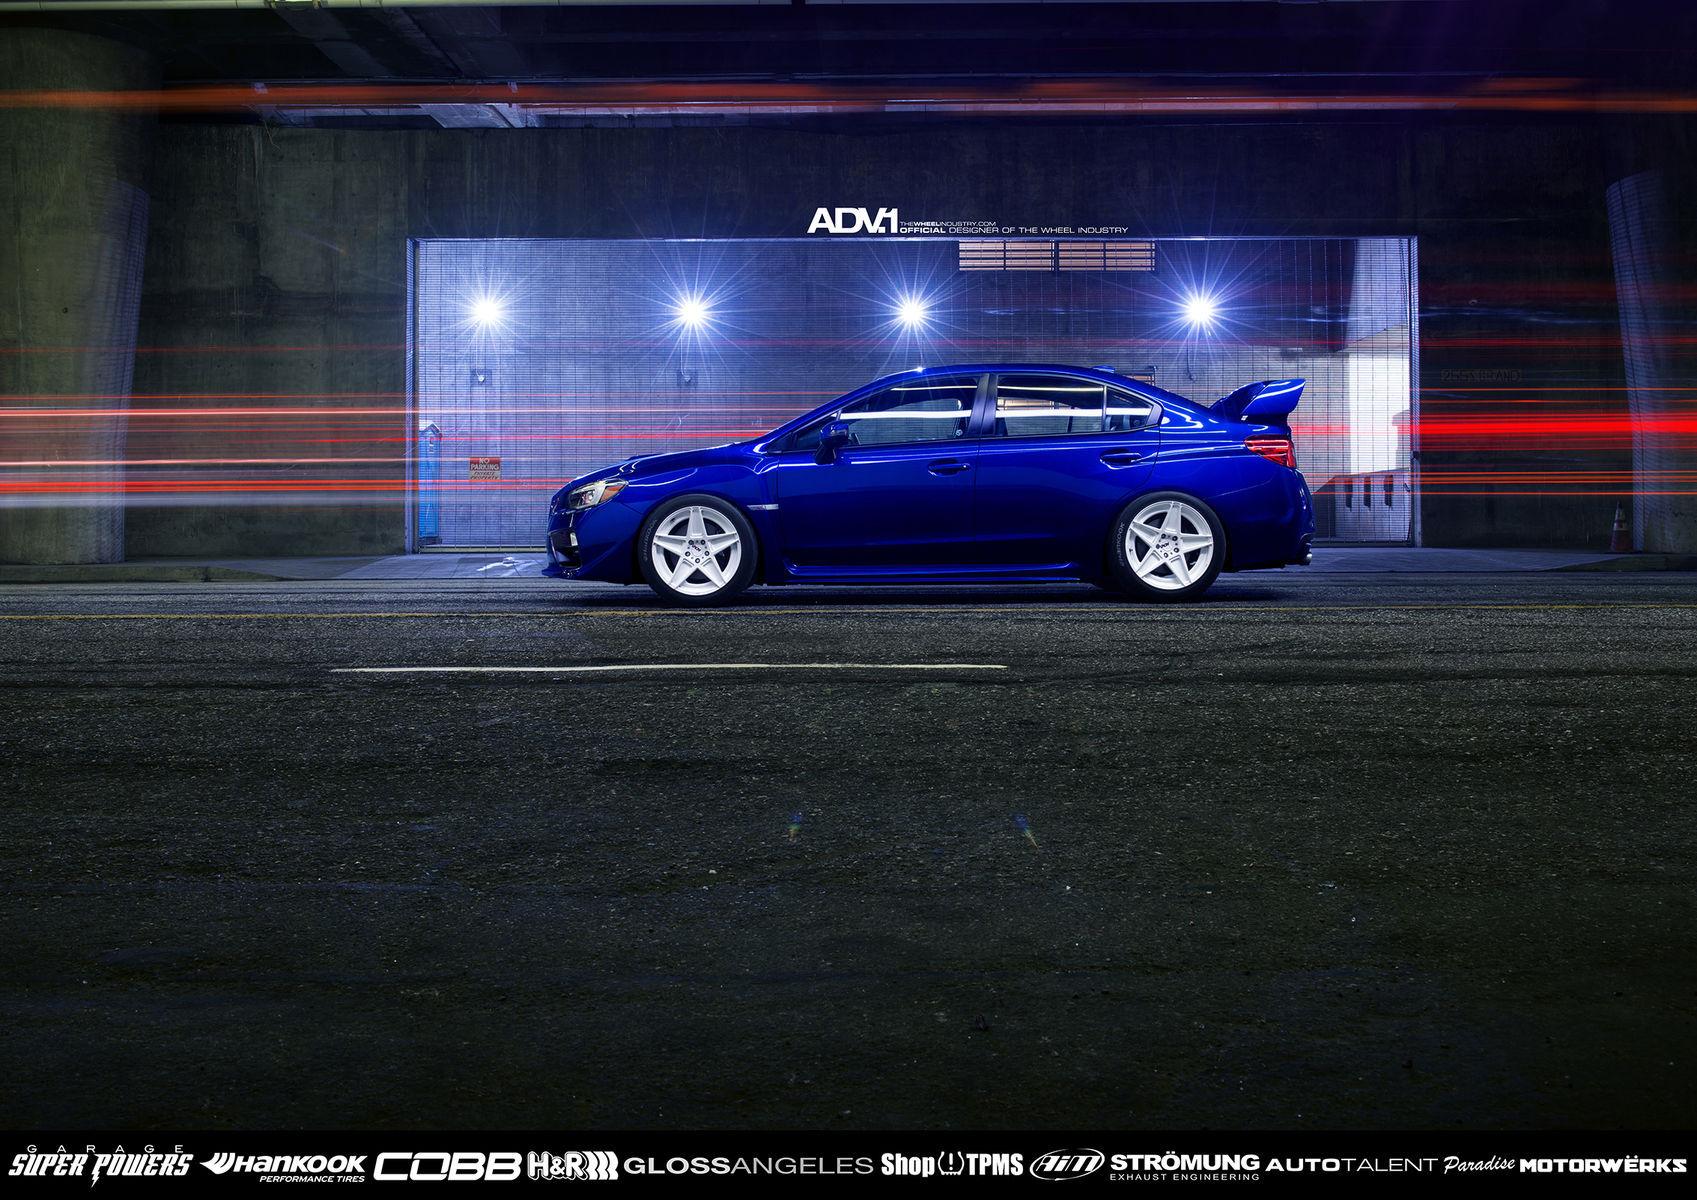 2015 Subaru STI | 2015 WRX STI